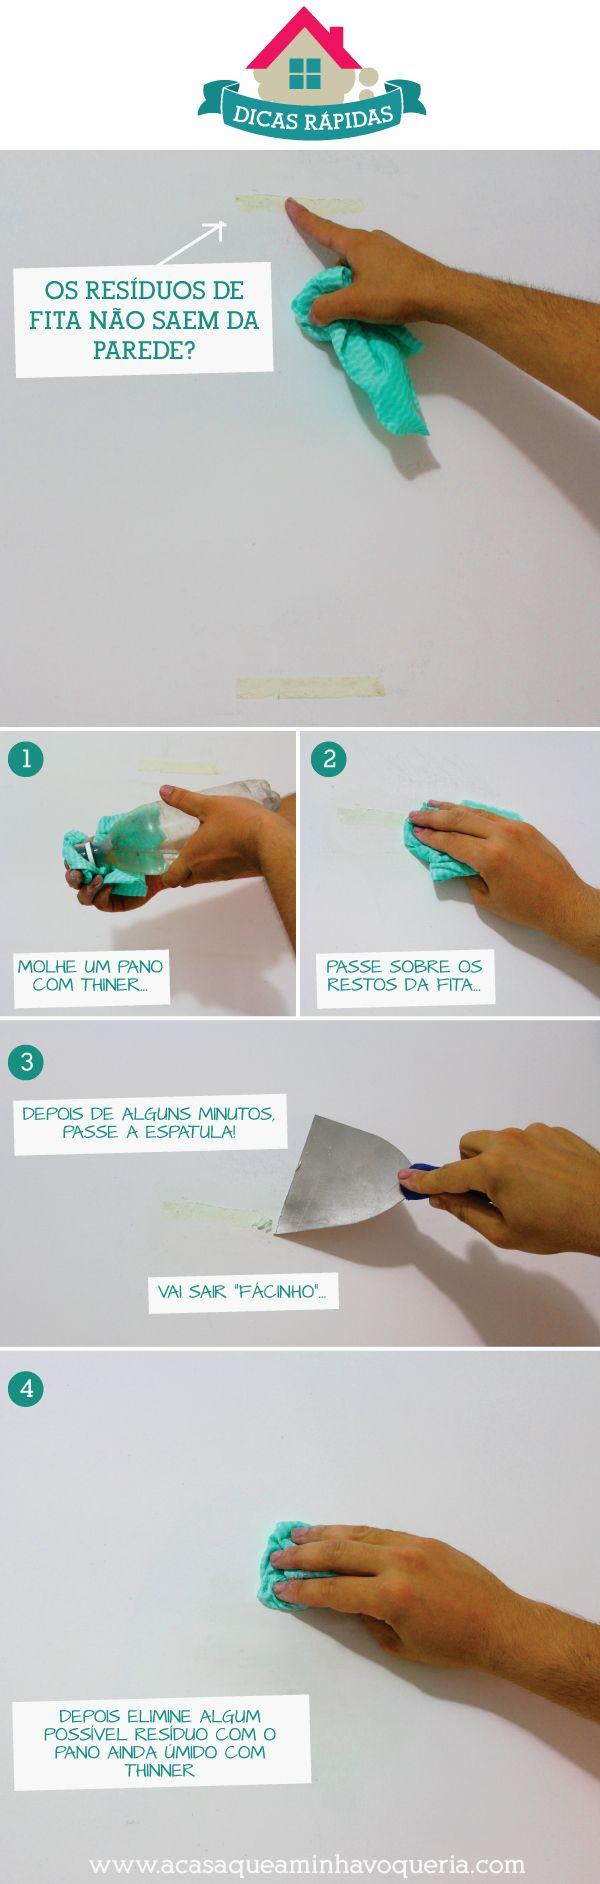 """Dícas rápidas: Como remover resíduos de fita dupla face da parede direto do blog """"A Casa que Minha Vó Queria"""""""